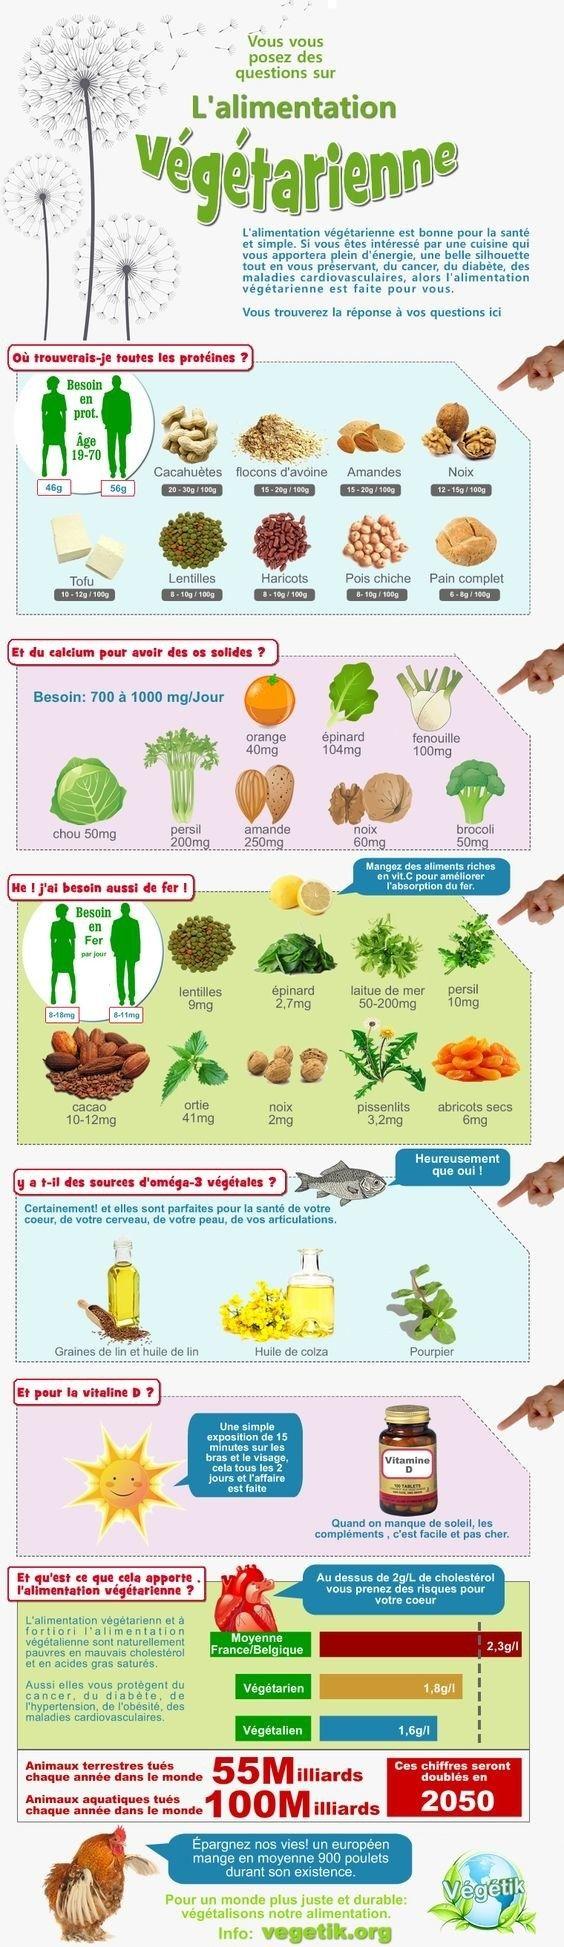 Si vous souhaitez être végétarien-ne mais que vous avez peur d'avoir des carences, ce graphique vous guidera: